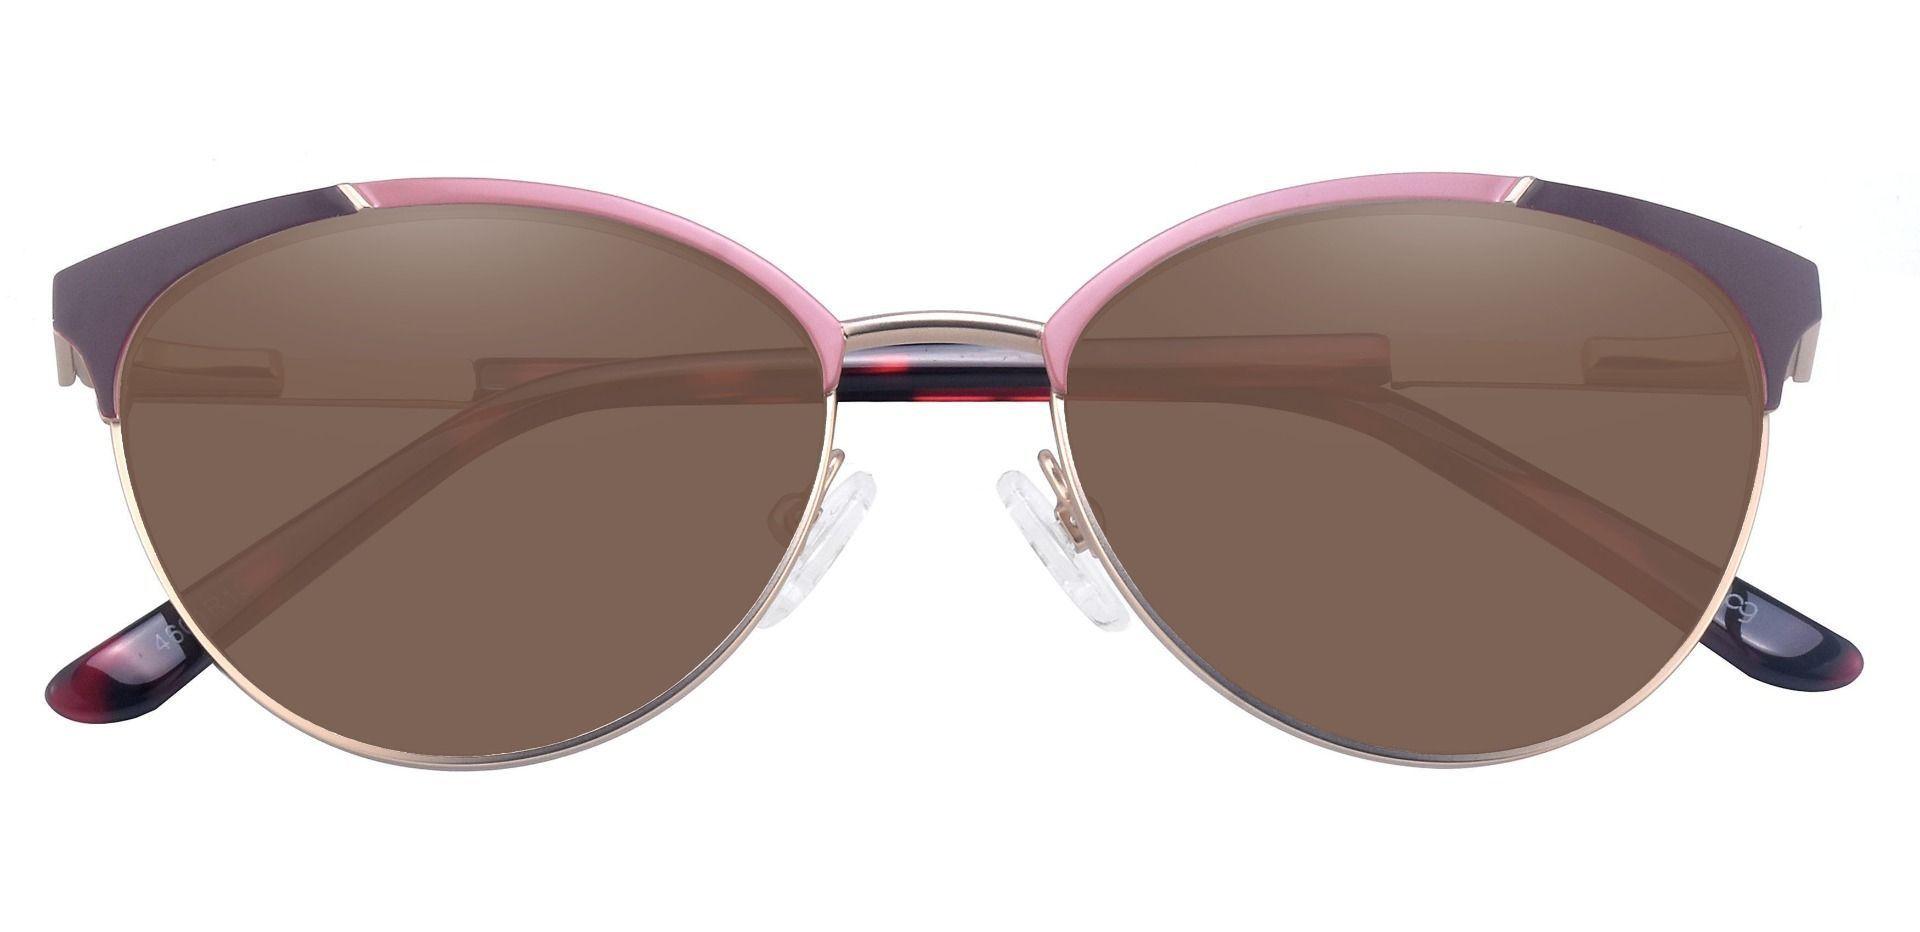 Lisette Oval Prescription Sunglasses - Red Frame With Brown Lenses